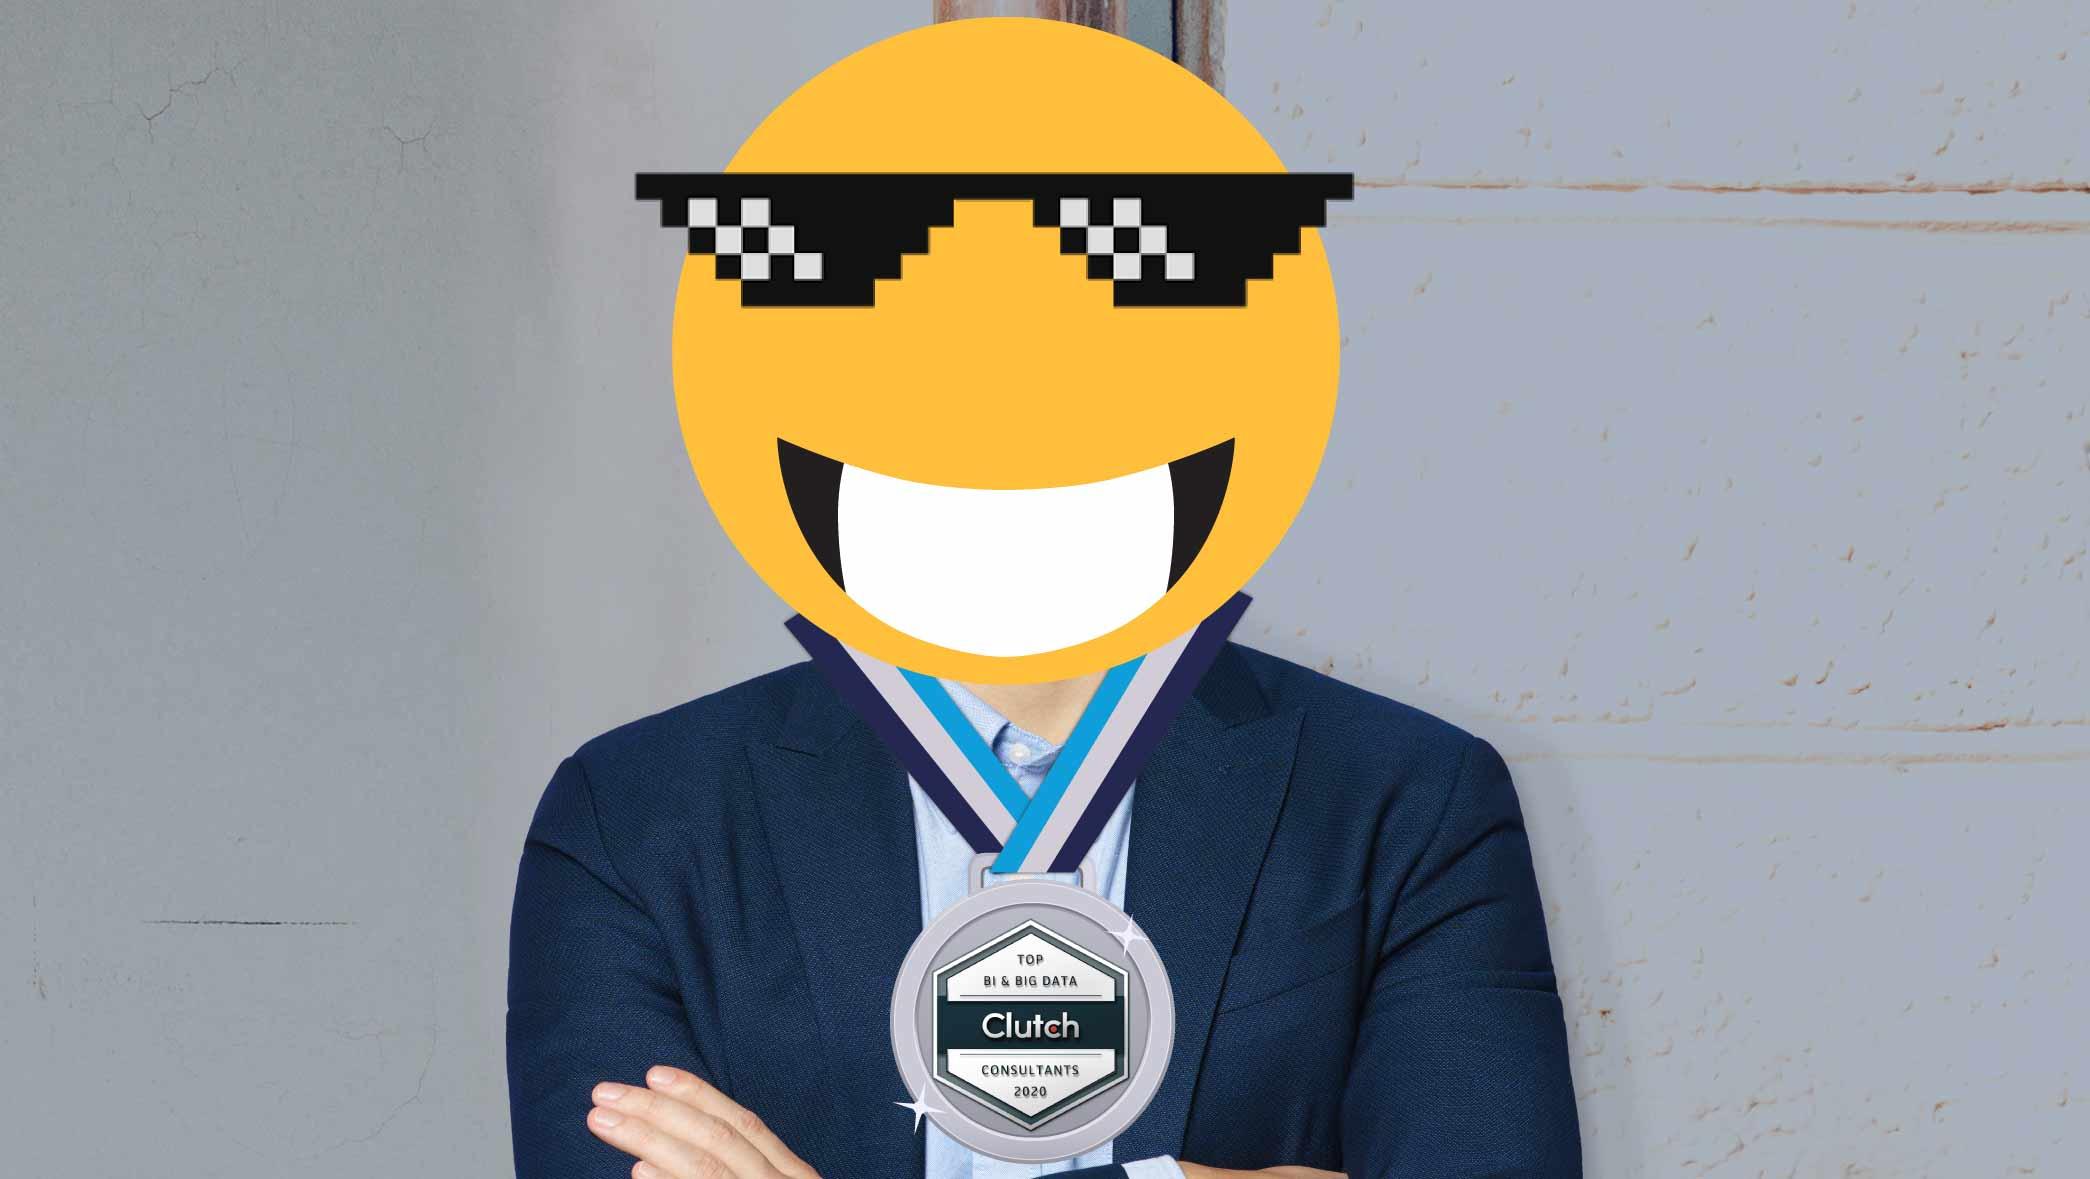 Meme: emoji com óculos de sol pretos, sorrindo, com corpo humano de camisa social azul e gravata clara, usando medalha pendurada no pescoço de empresa líder em data science e analytics na América Latina.